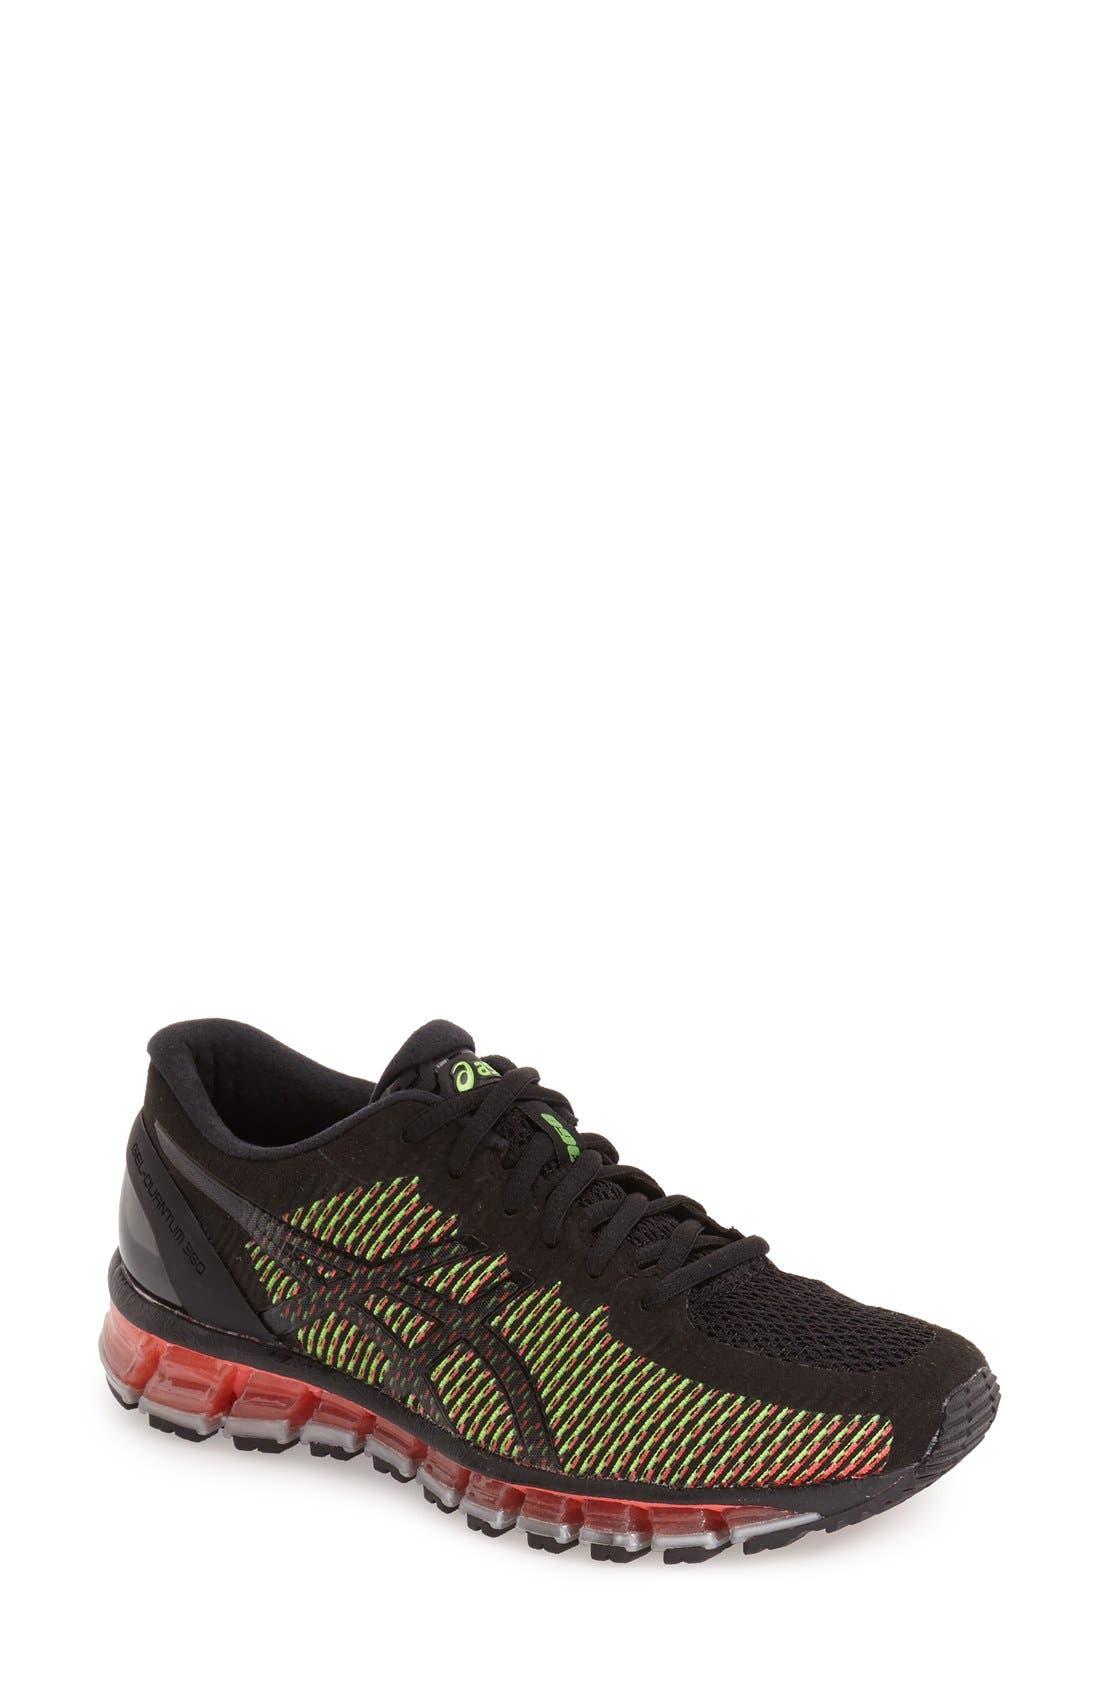 ASICS<SUP>®</SUP> GEL-Quantum 360 Running Shoe